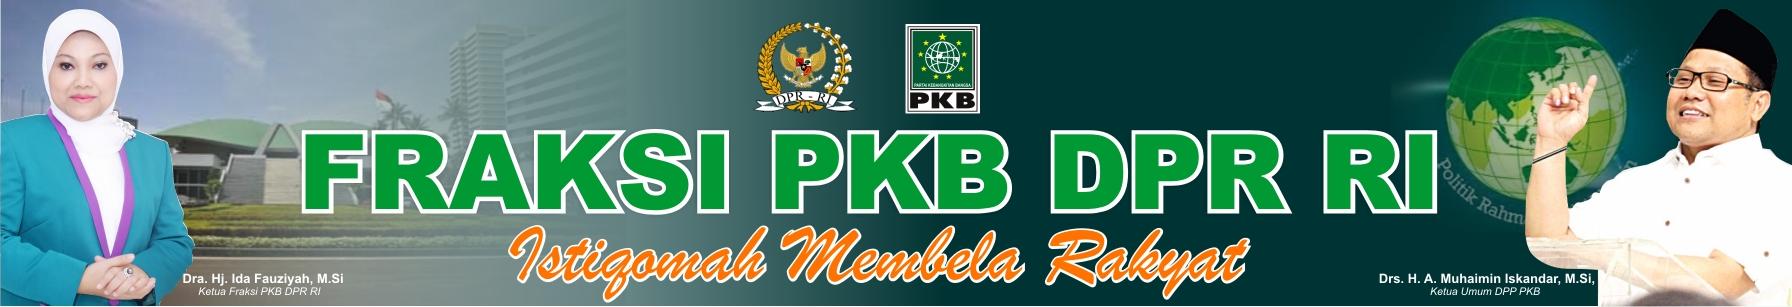 FPKB DPR RI